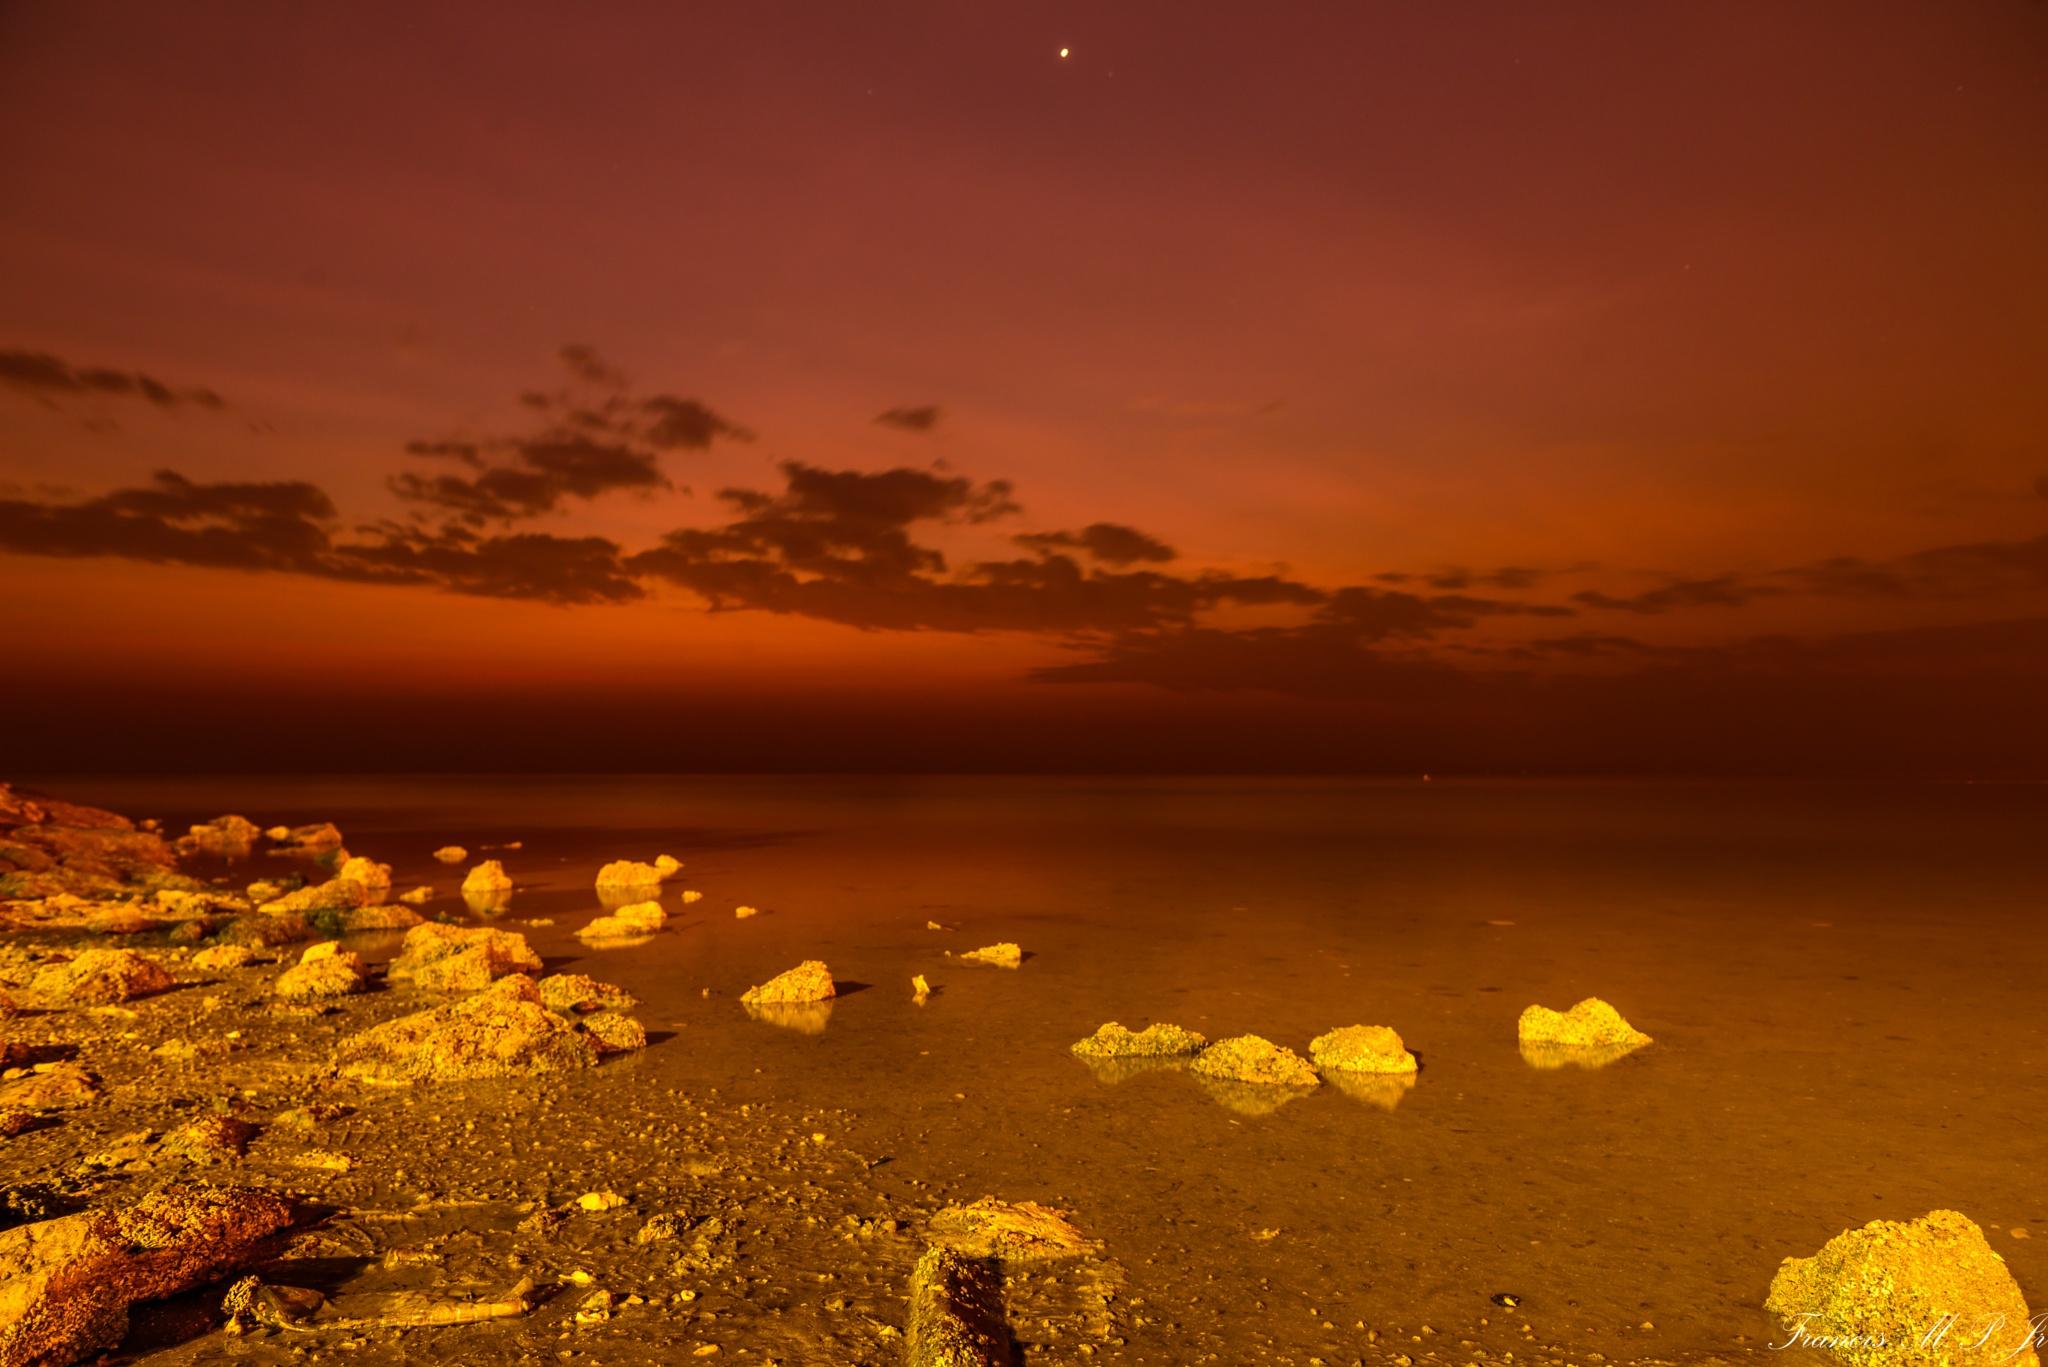 Al Khobar shore by Francisco M Pastoril Jr